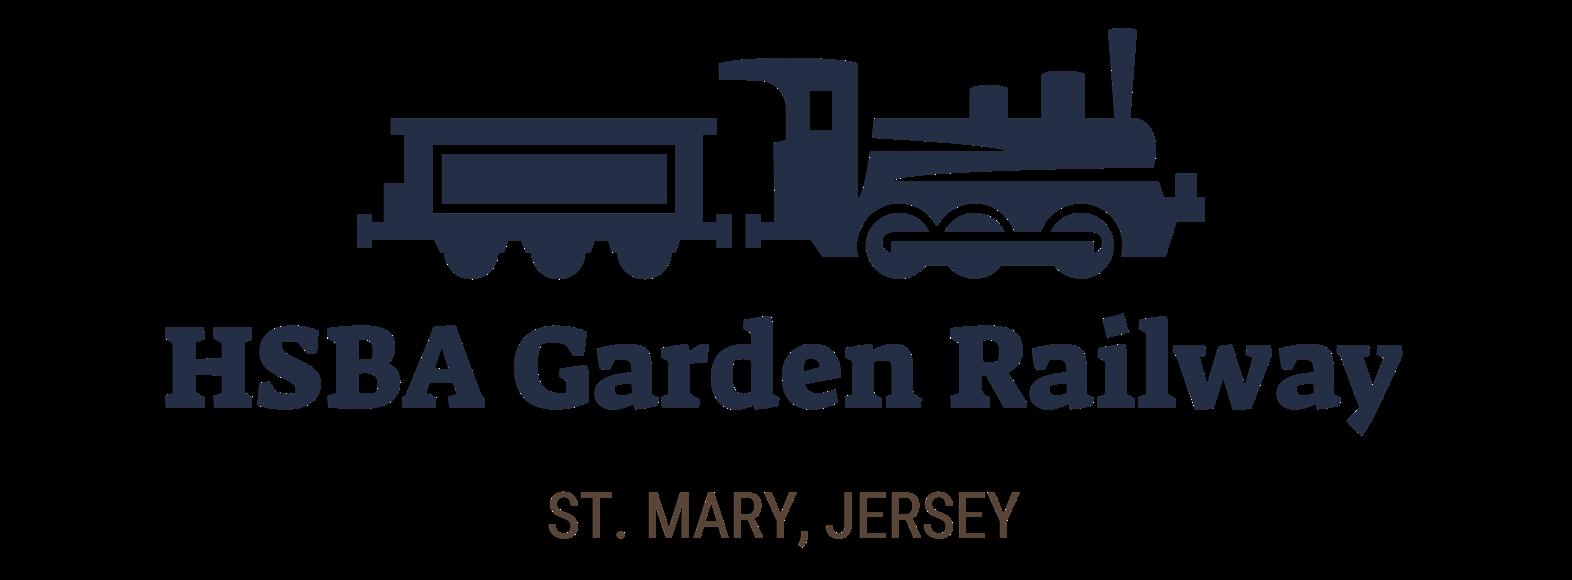 HSBA Garden Railway